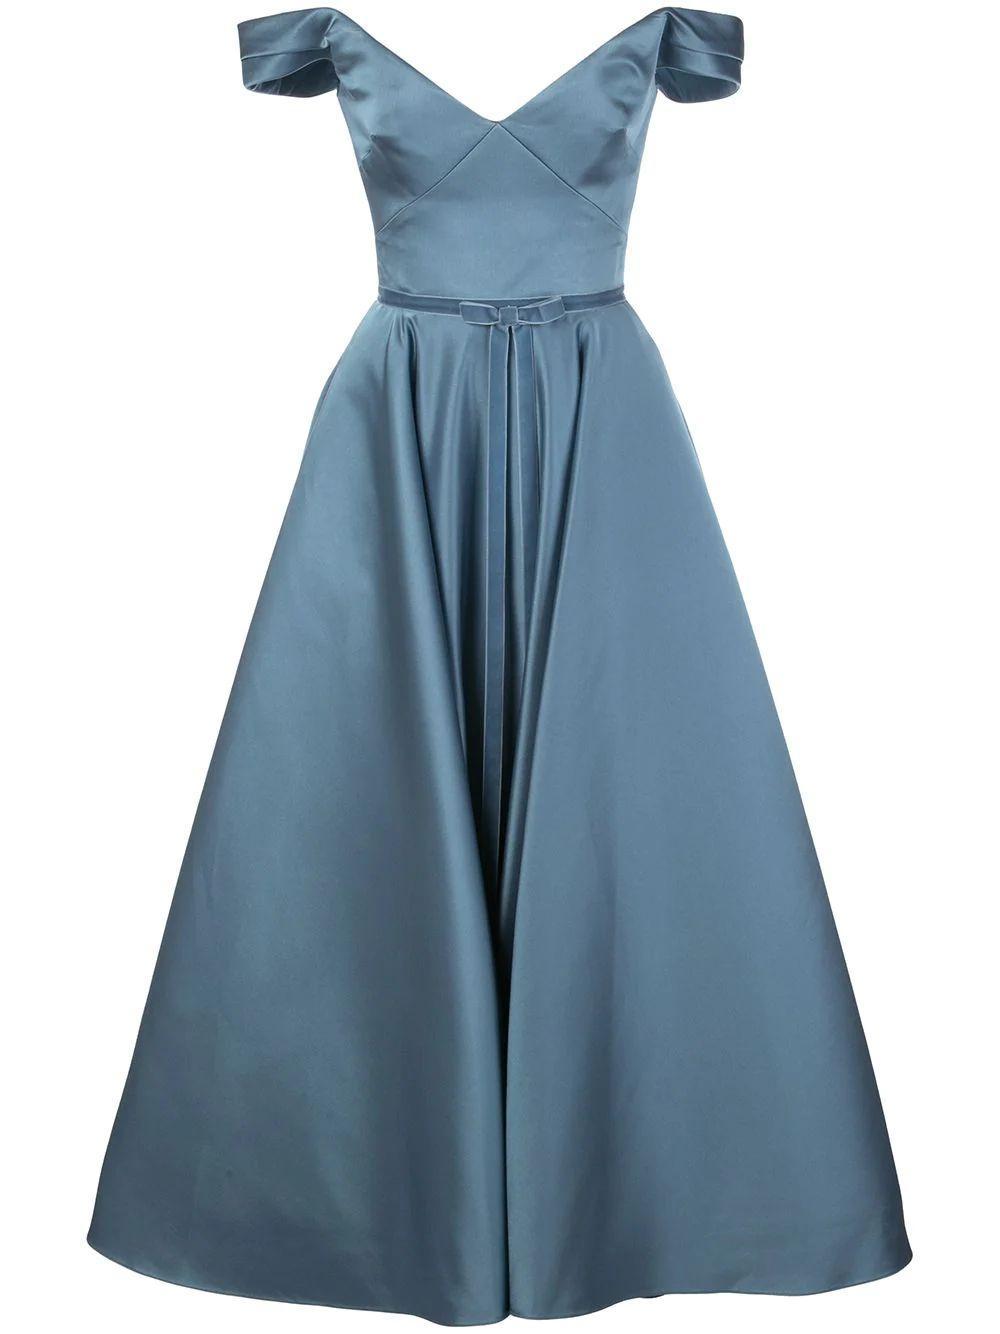 Off The Shoulder Tea Length Gown Item # N36M1159